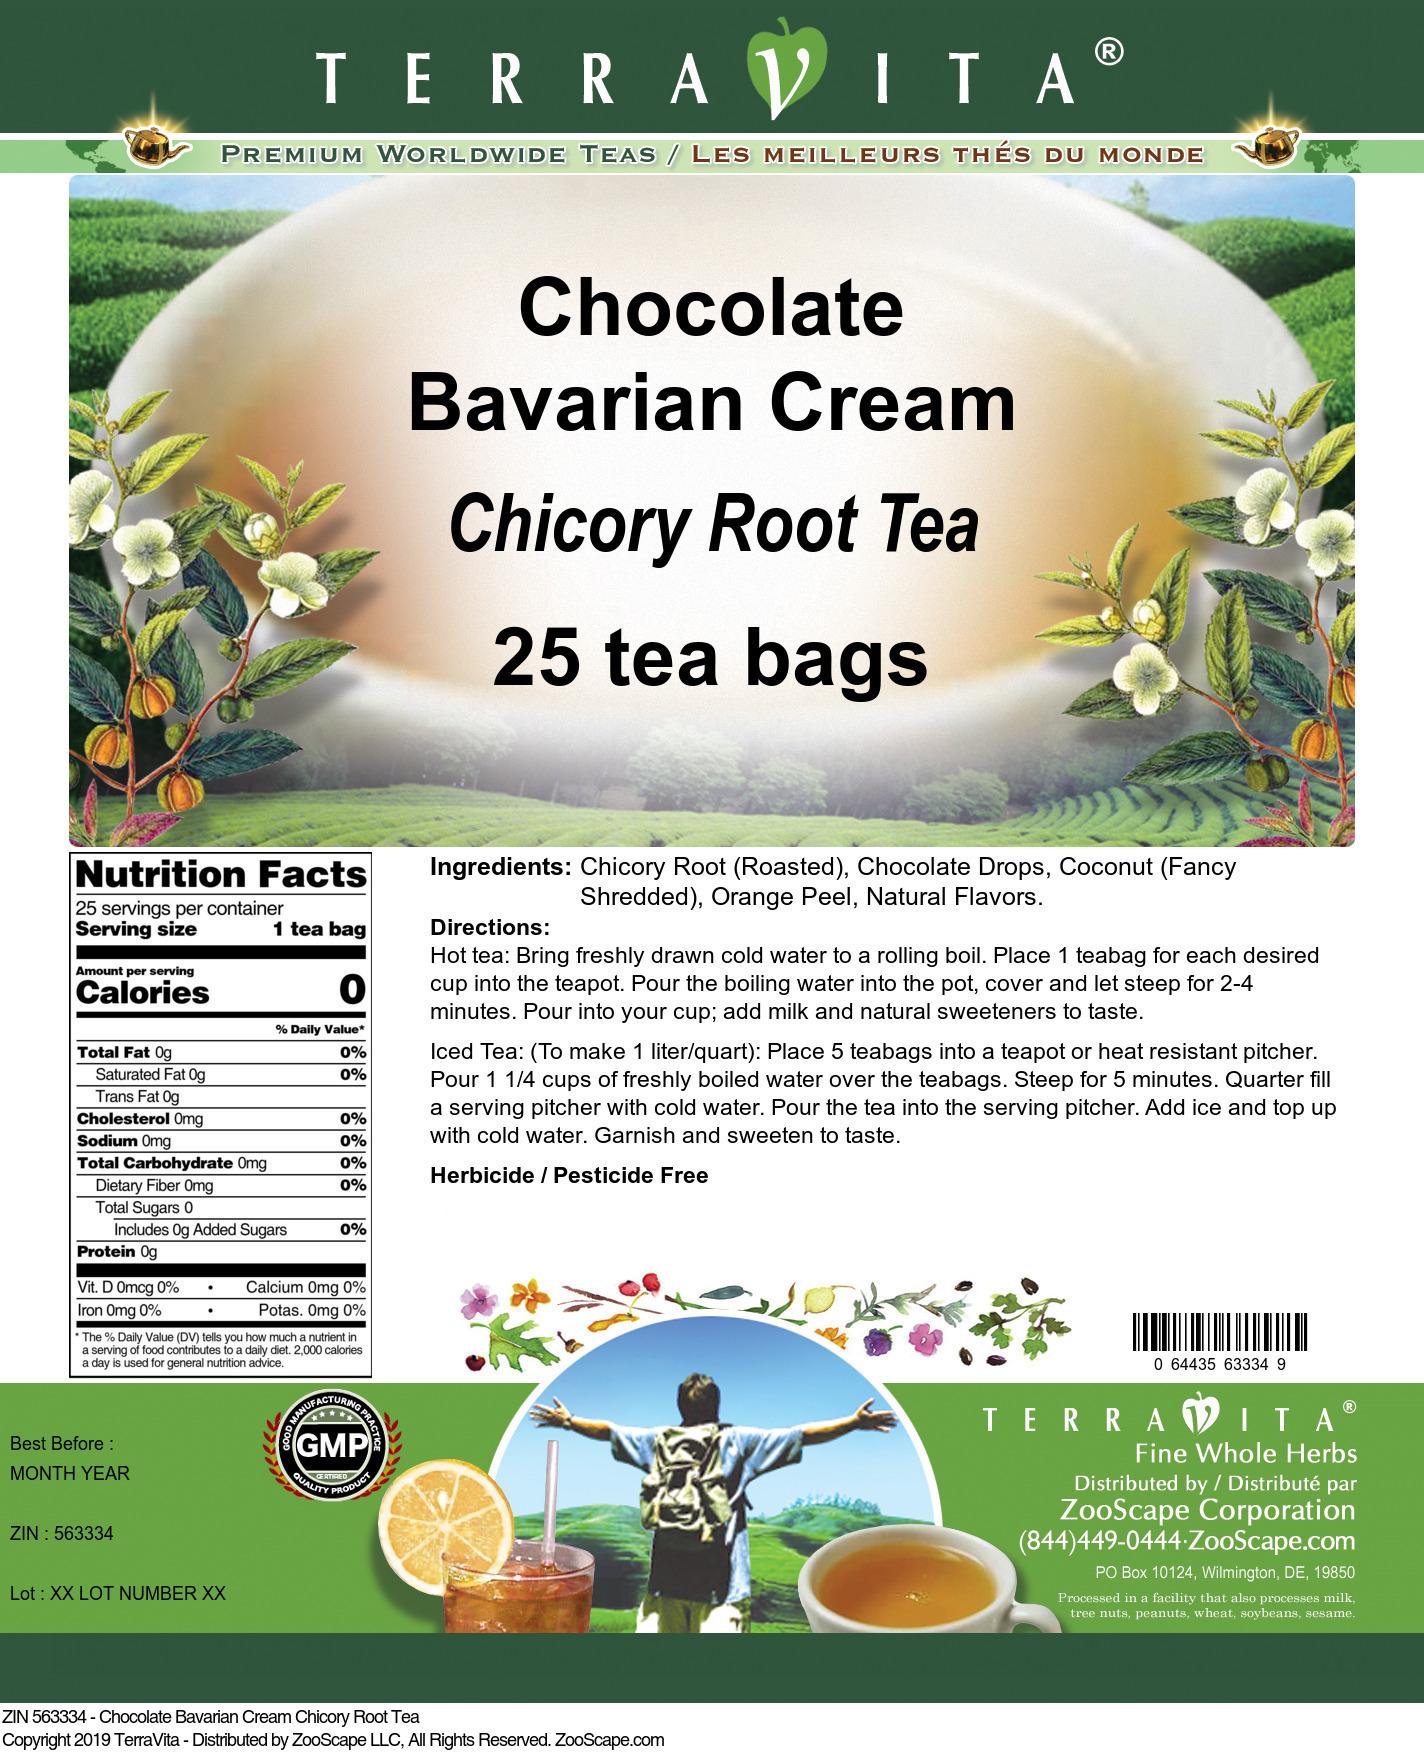 Chocolate Bavarian Cream Chicory Root